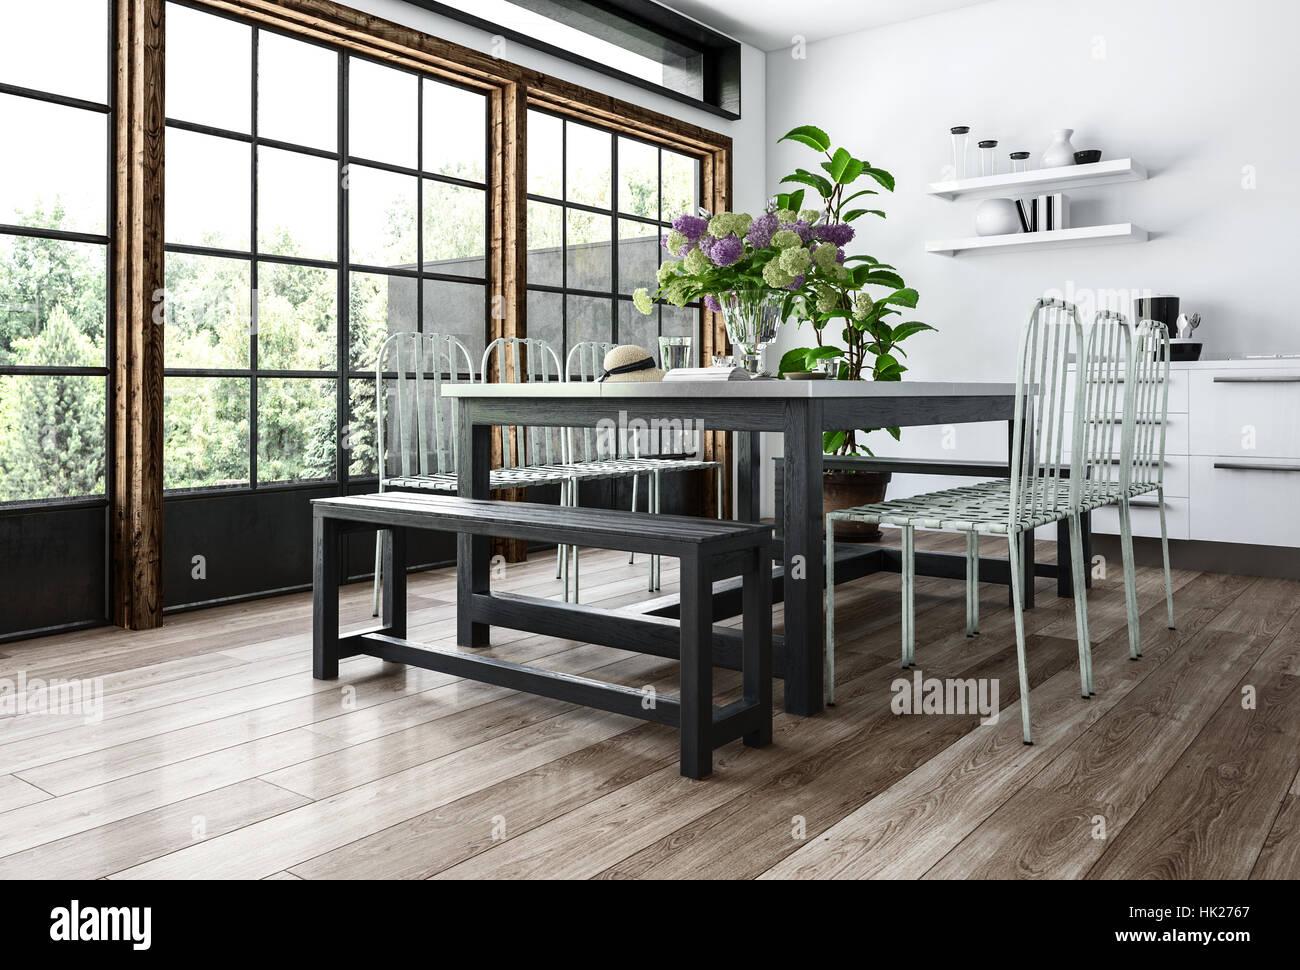 Moderne speisezimmer im minimalistischen interieur mit stühlen und